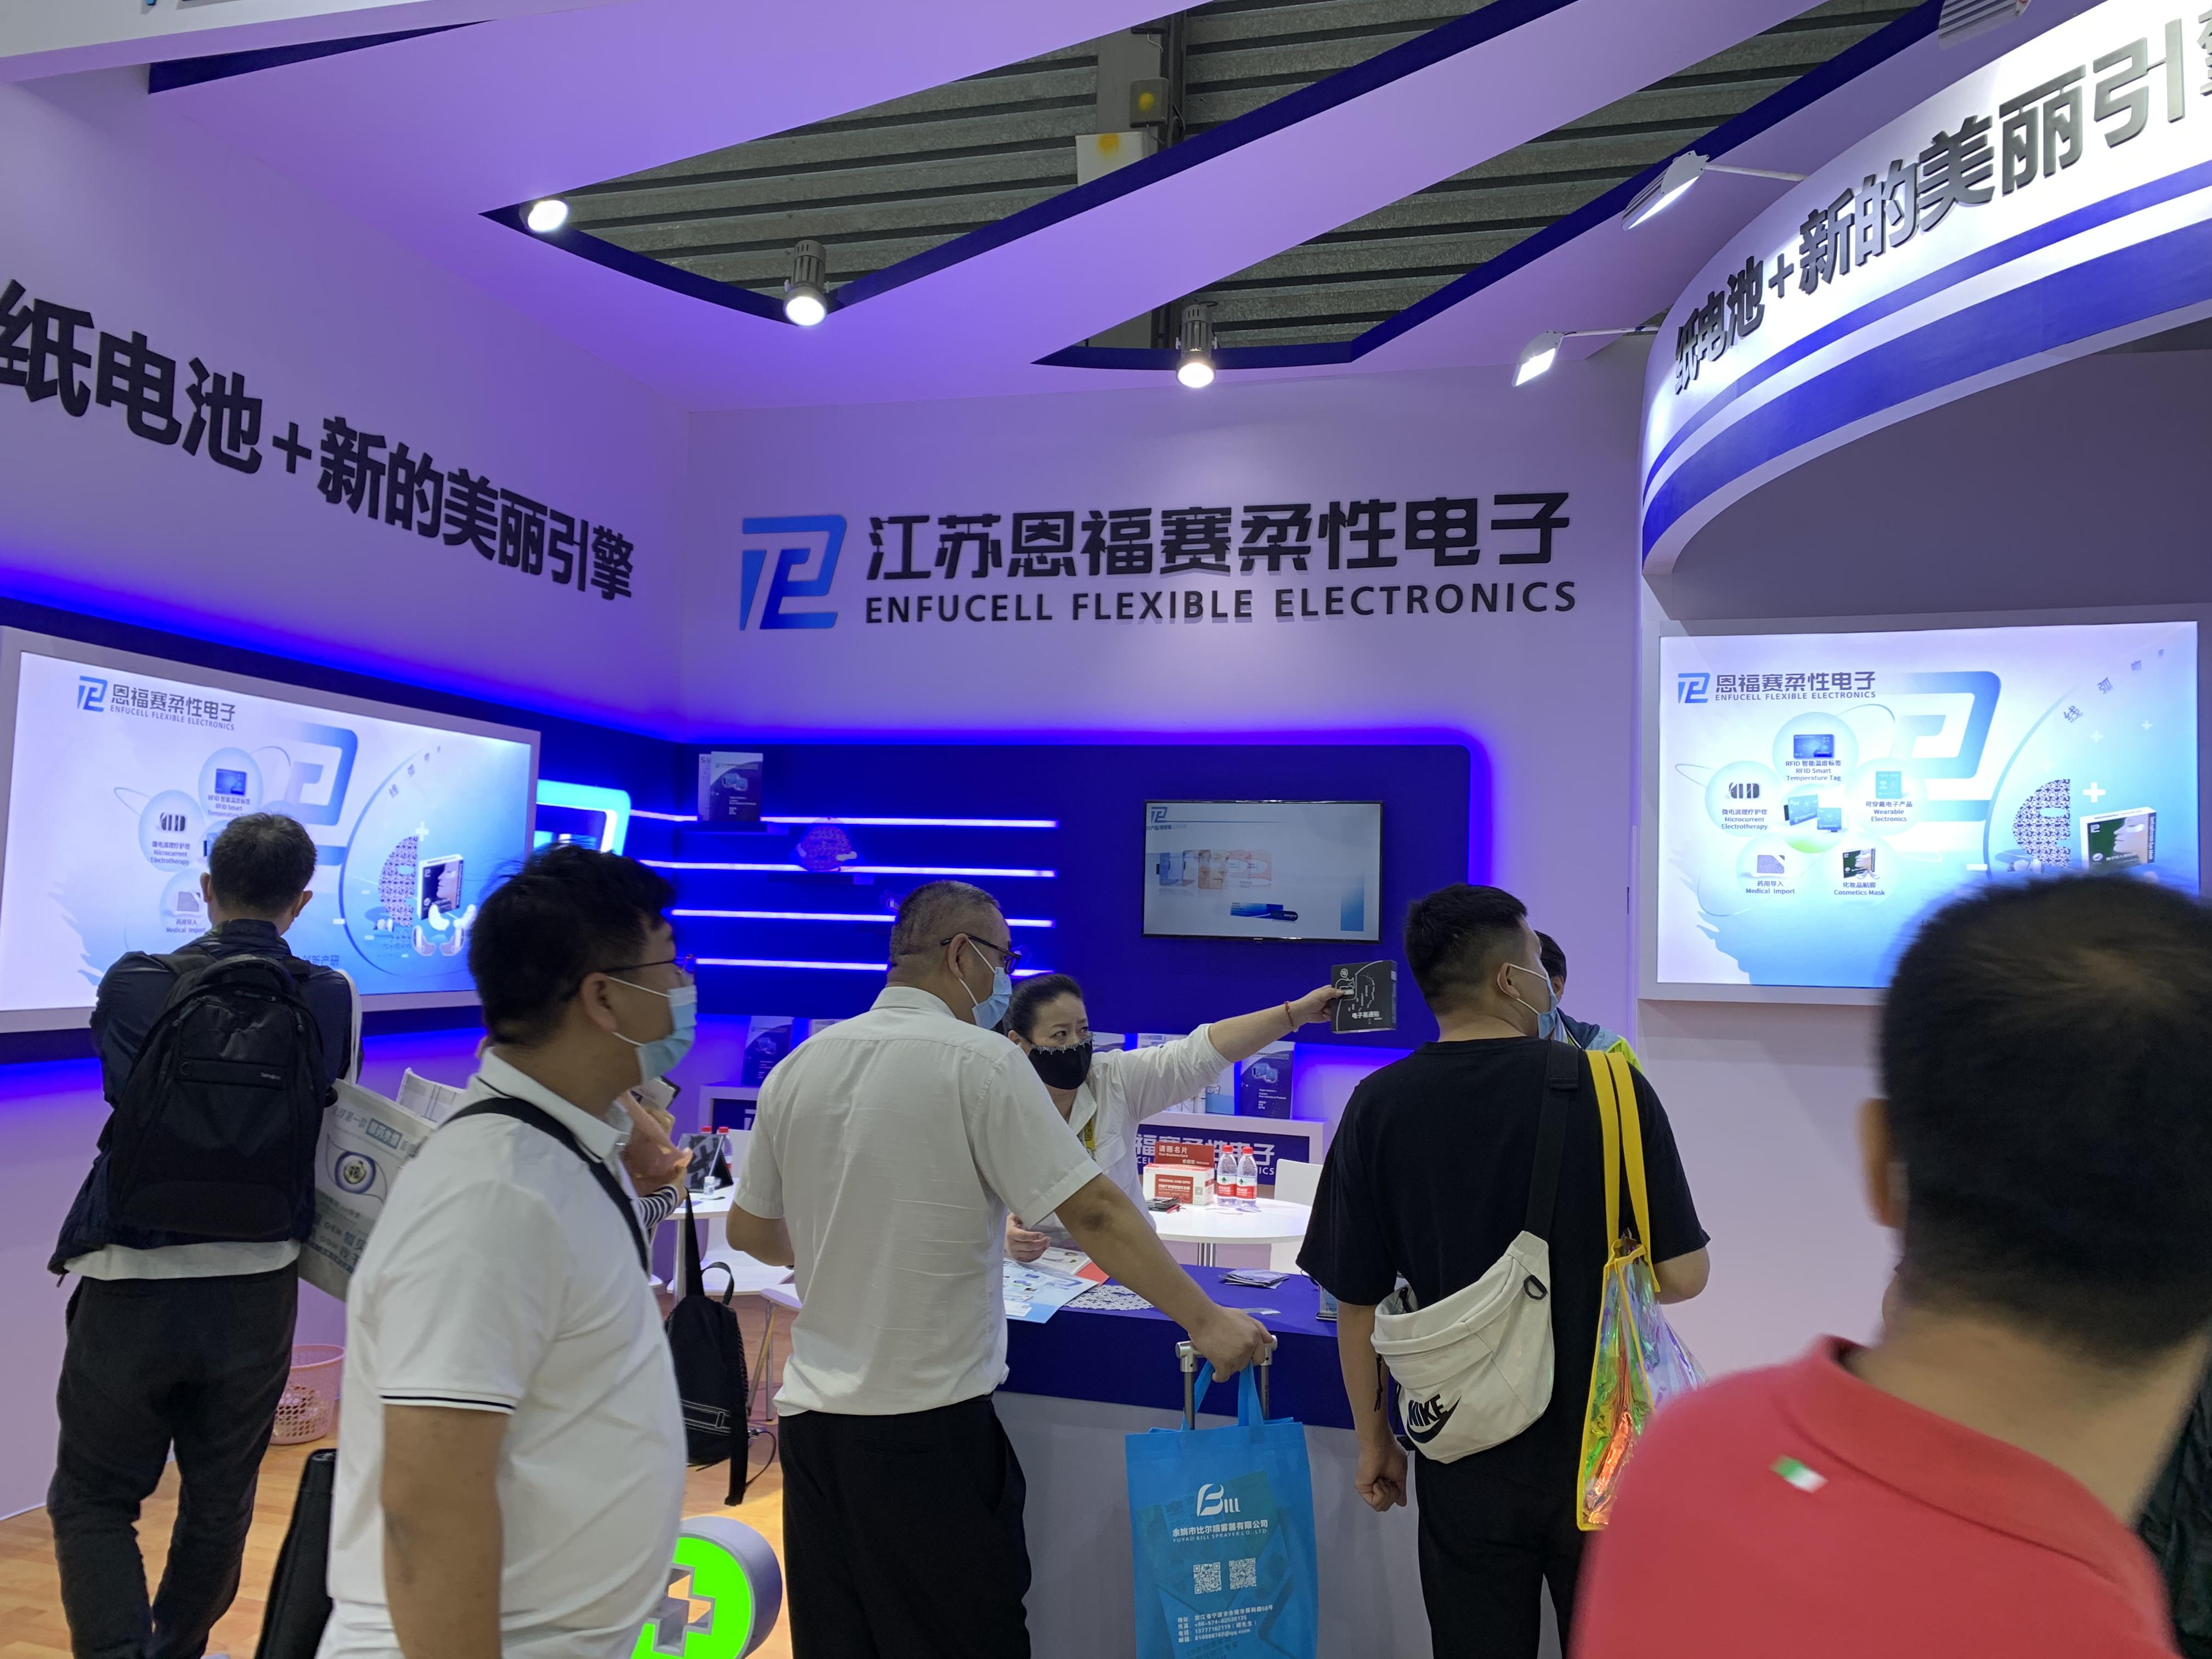 2021年5月12日,上海美博会在浦东举行,恩福赛受邀参加